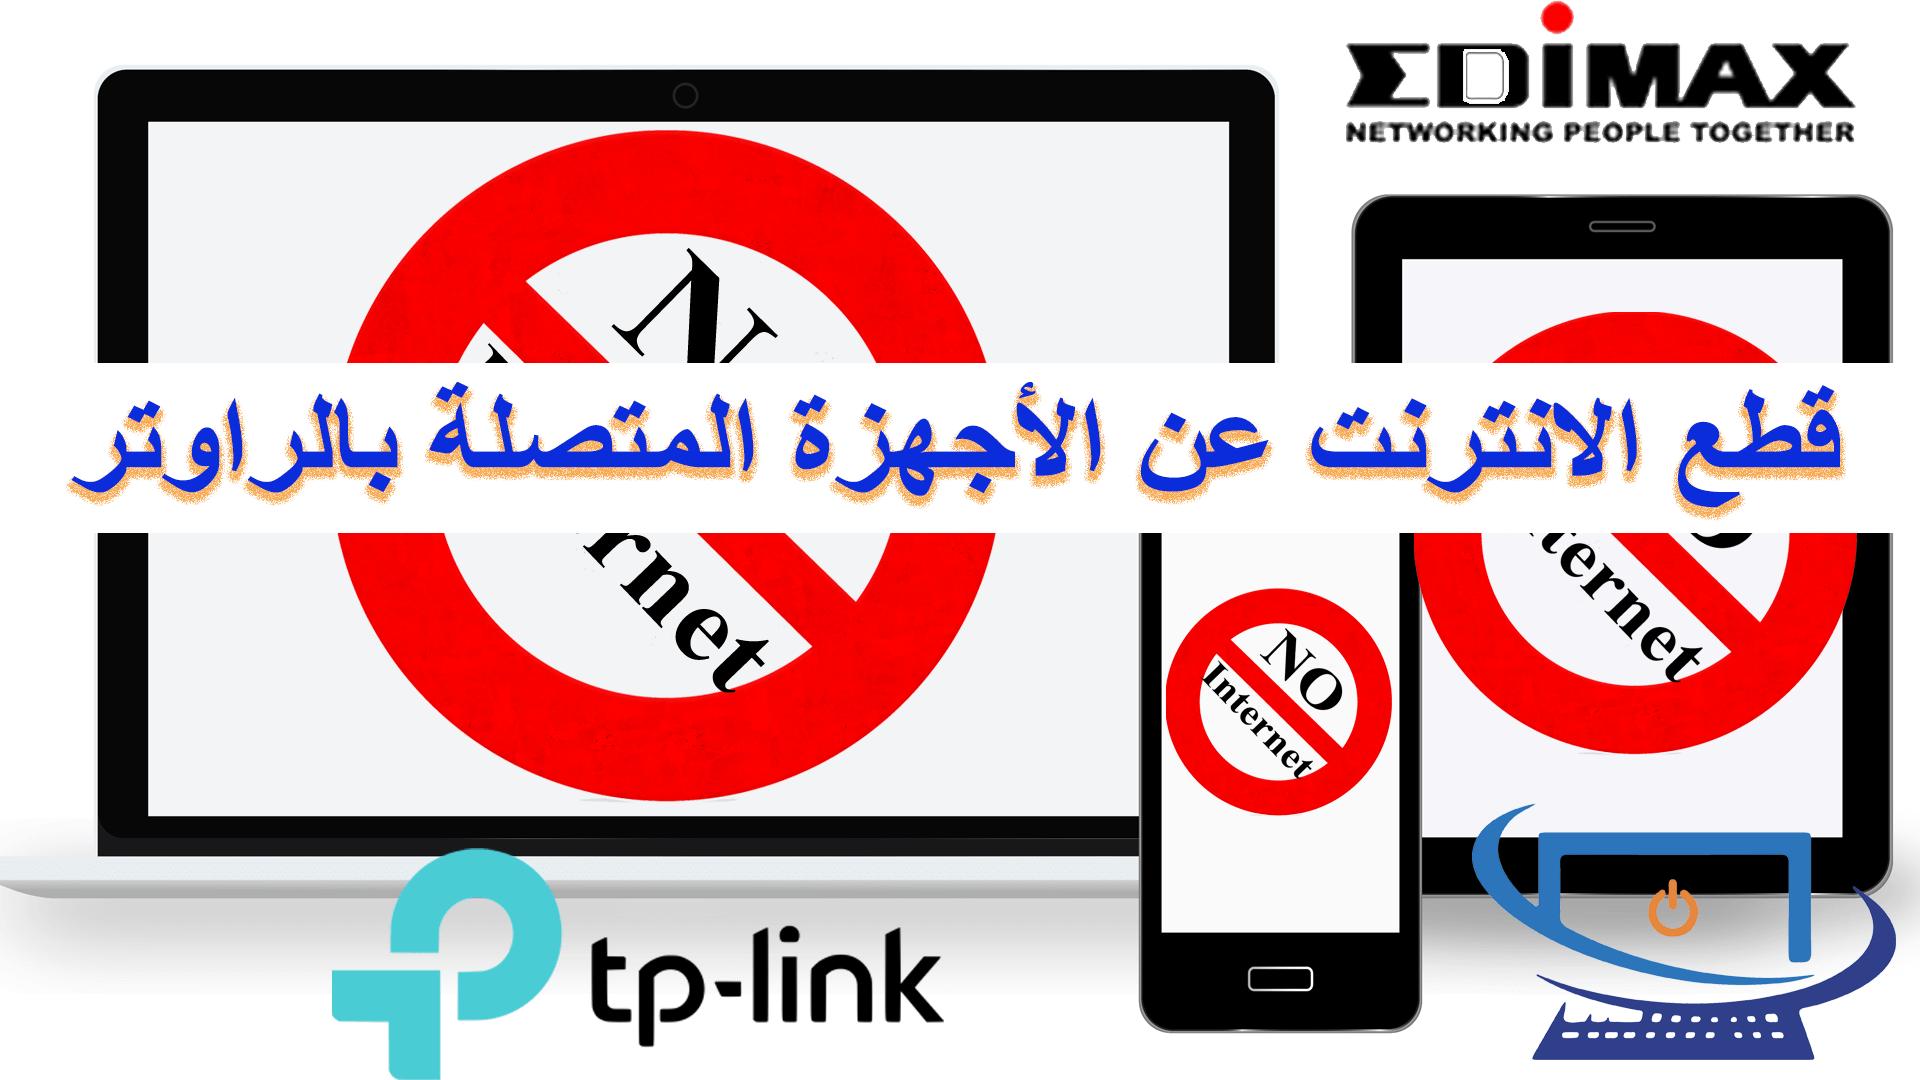 قطع الانترنت عن الاجهزة المتصلة بالراوتر tp link - edimax